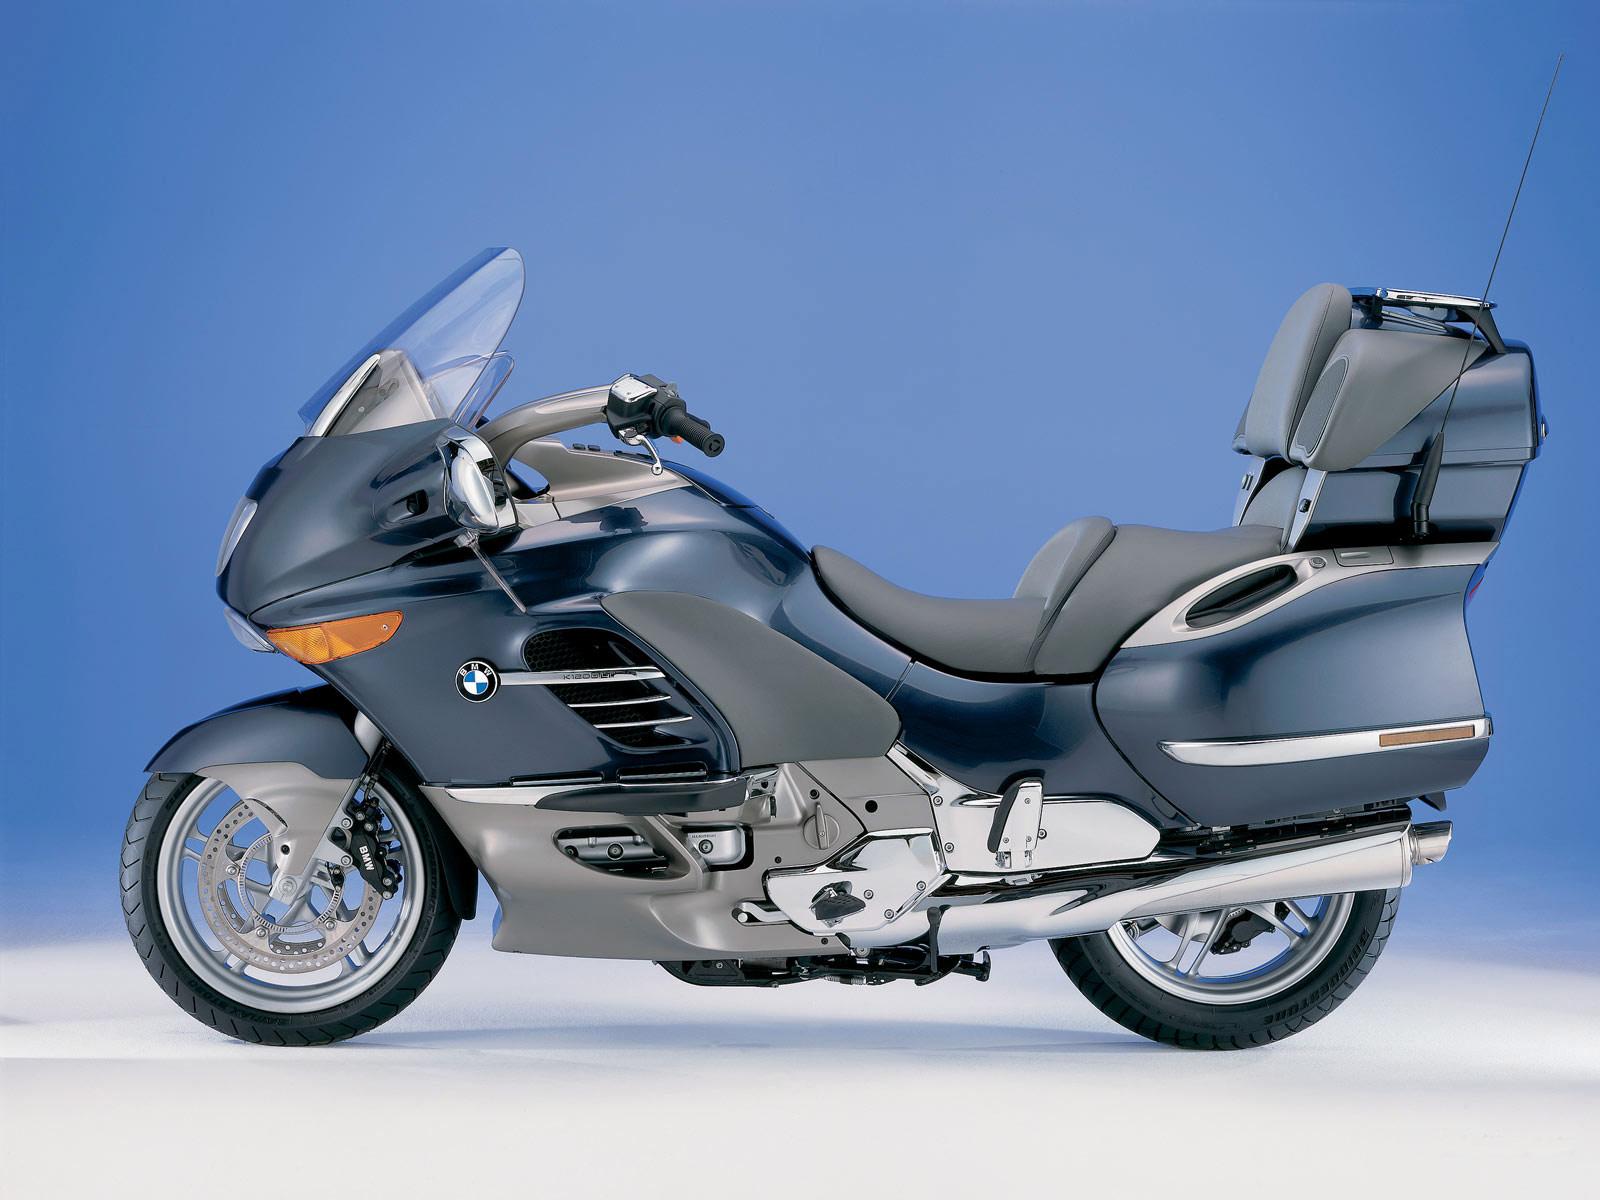 http://3.bp.blogspot.com/-PS1KYZGjp8A/TiOs5oKKe7I/AAAAAAAAAgo/qrpNQG4hGpA/s1600/2004_K1200LT_motorcycle-BMW-desktop-wallpapers_3.jpg